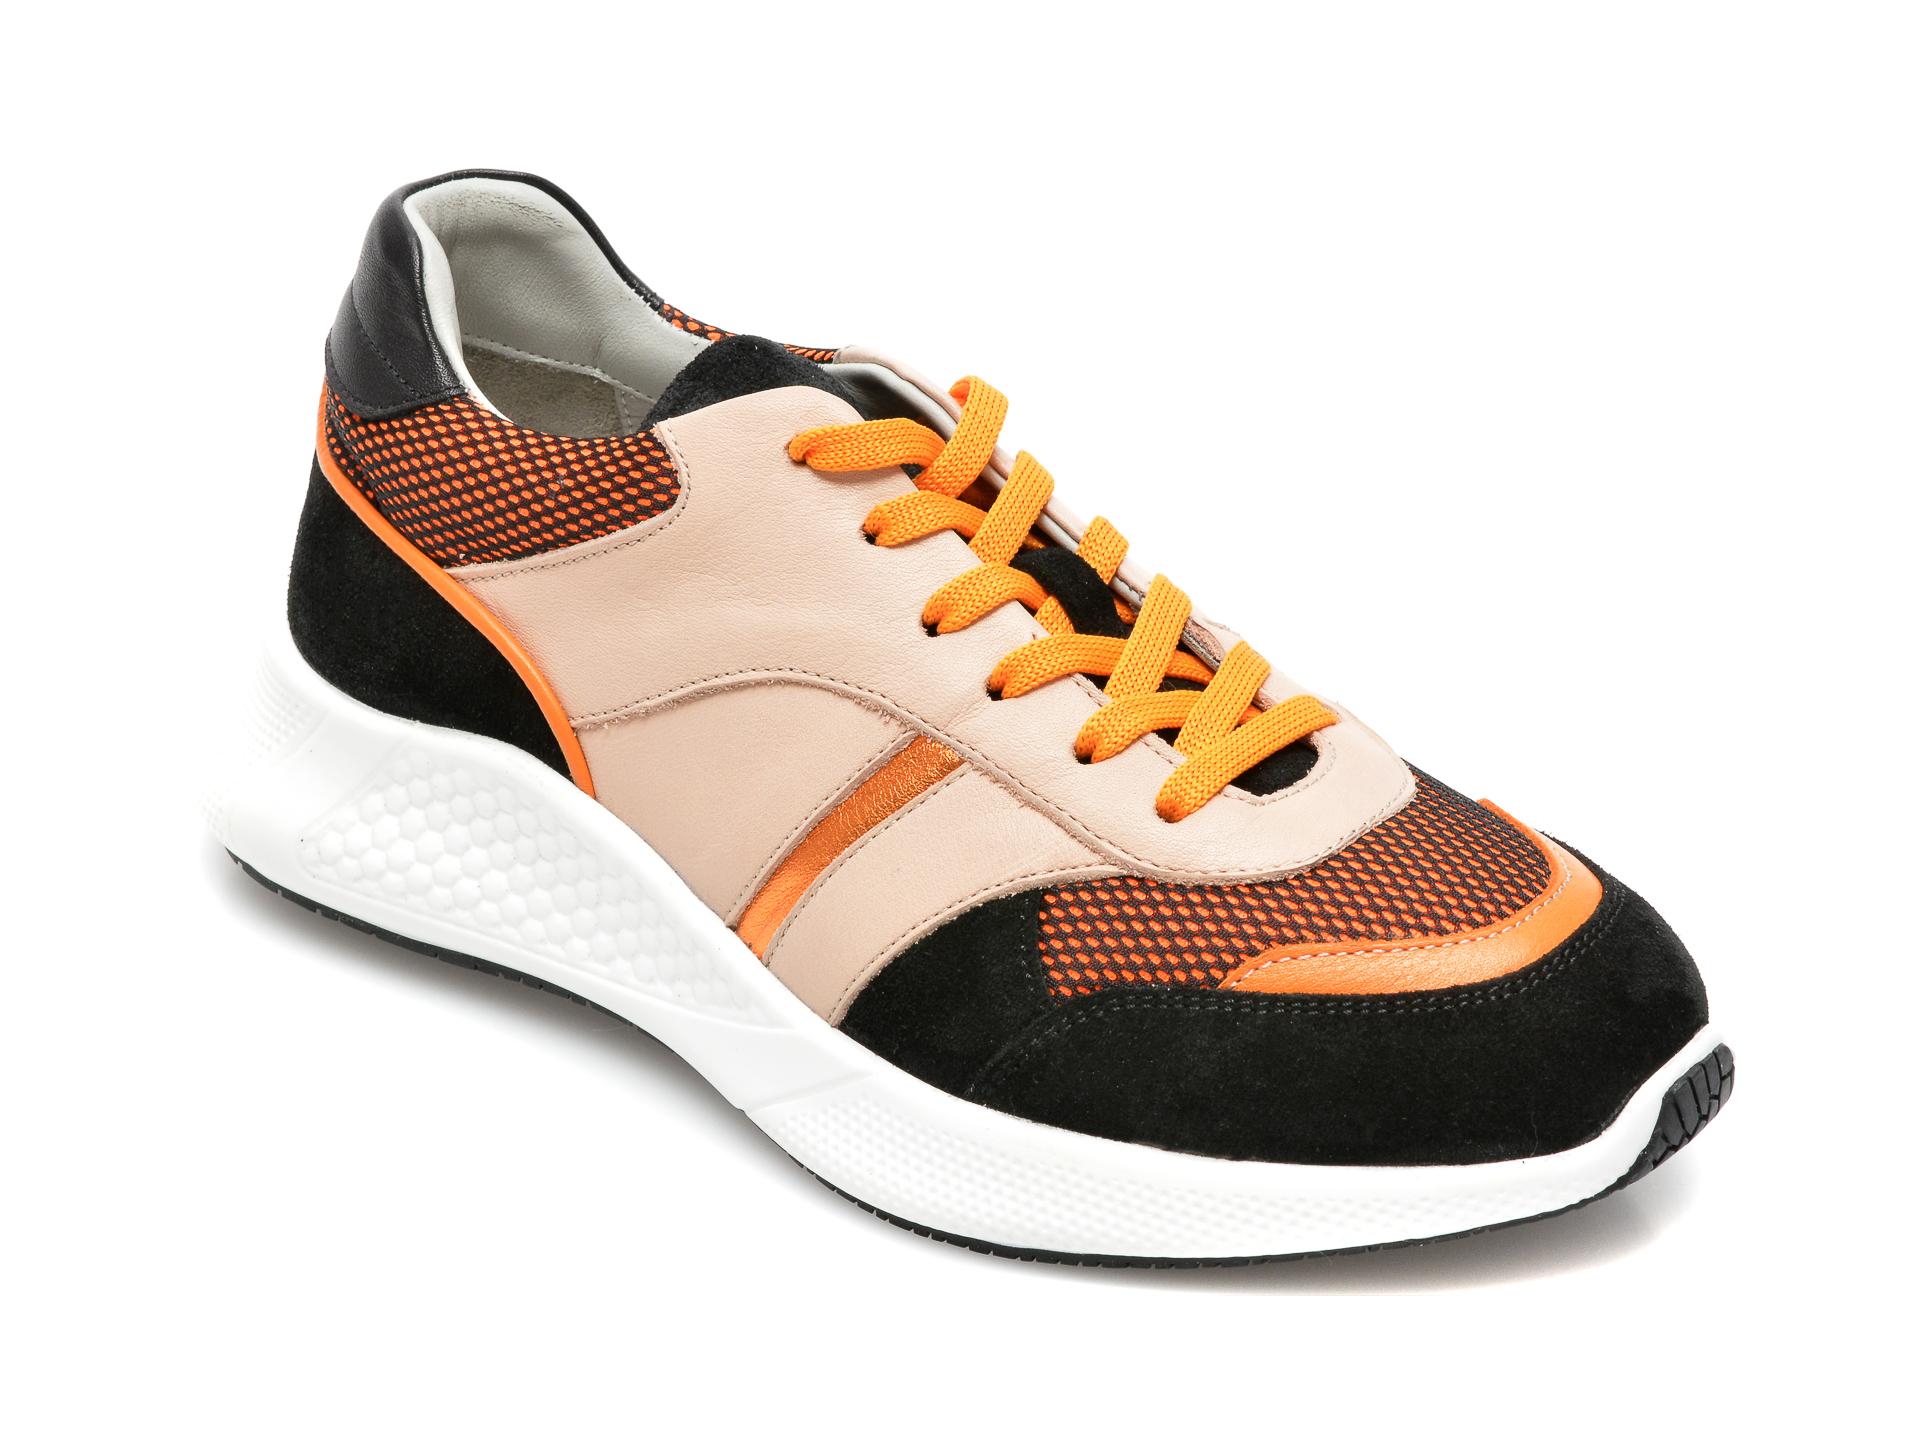 Pantofi sport FLAVIA PASSINI bej, 8701027, din piele naturală imagine otter.ro